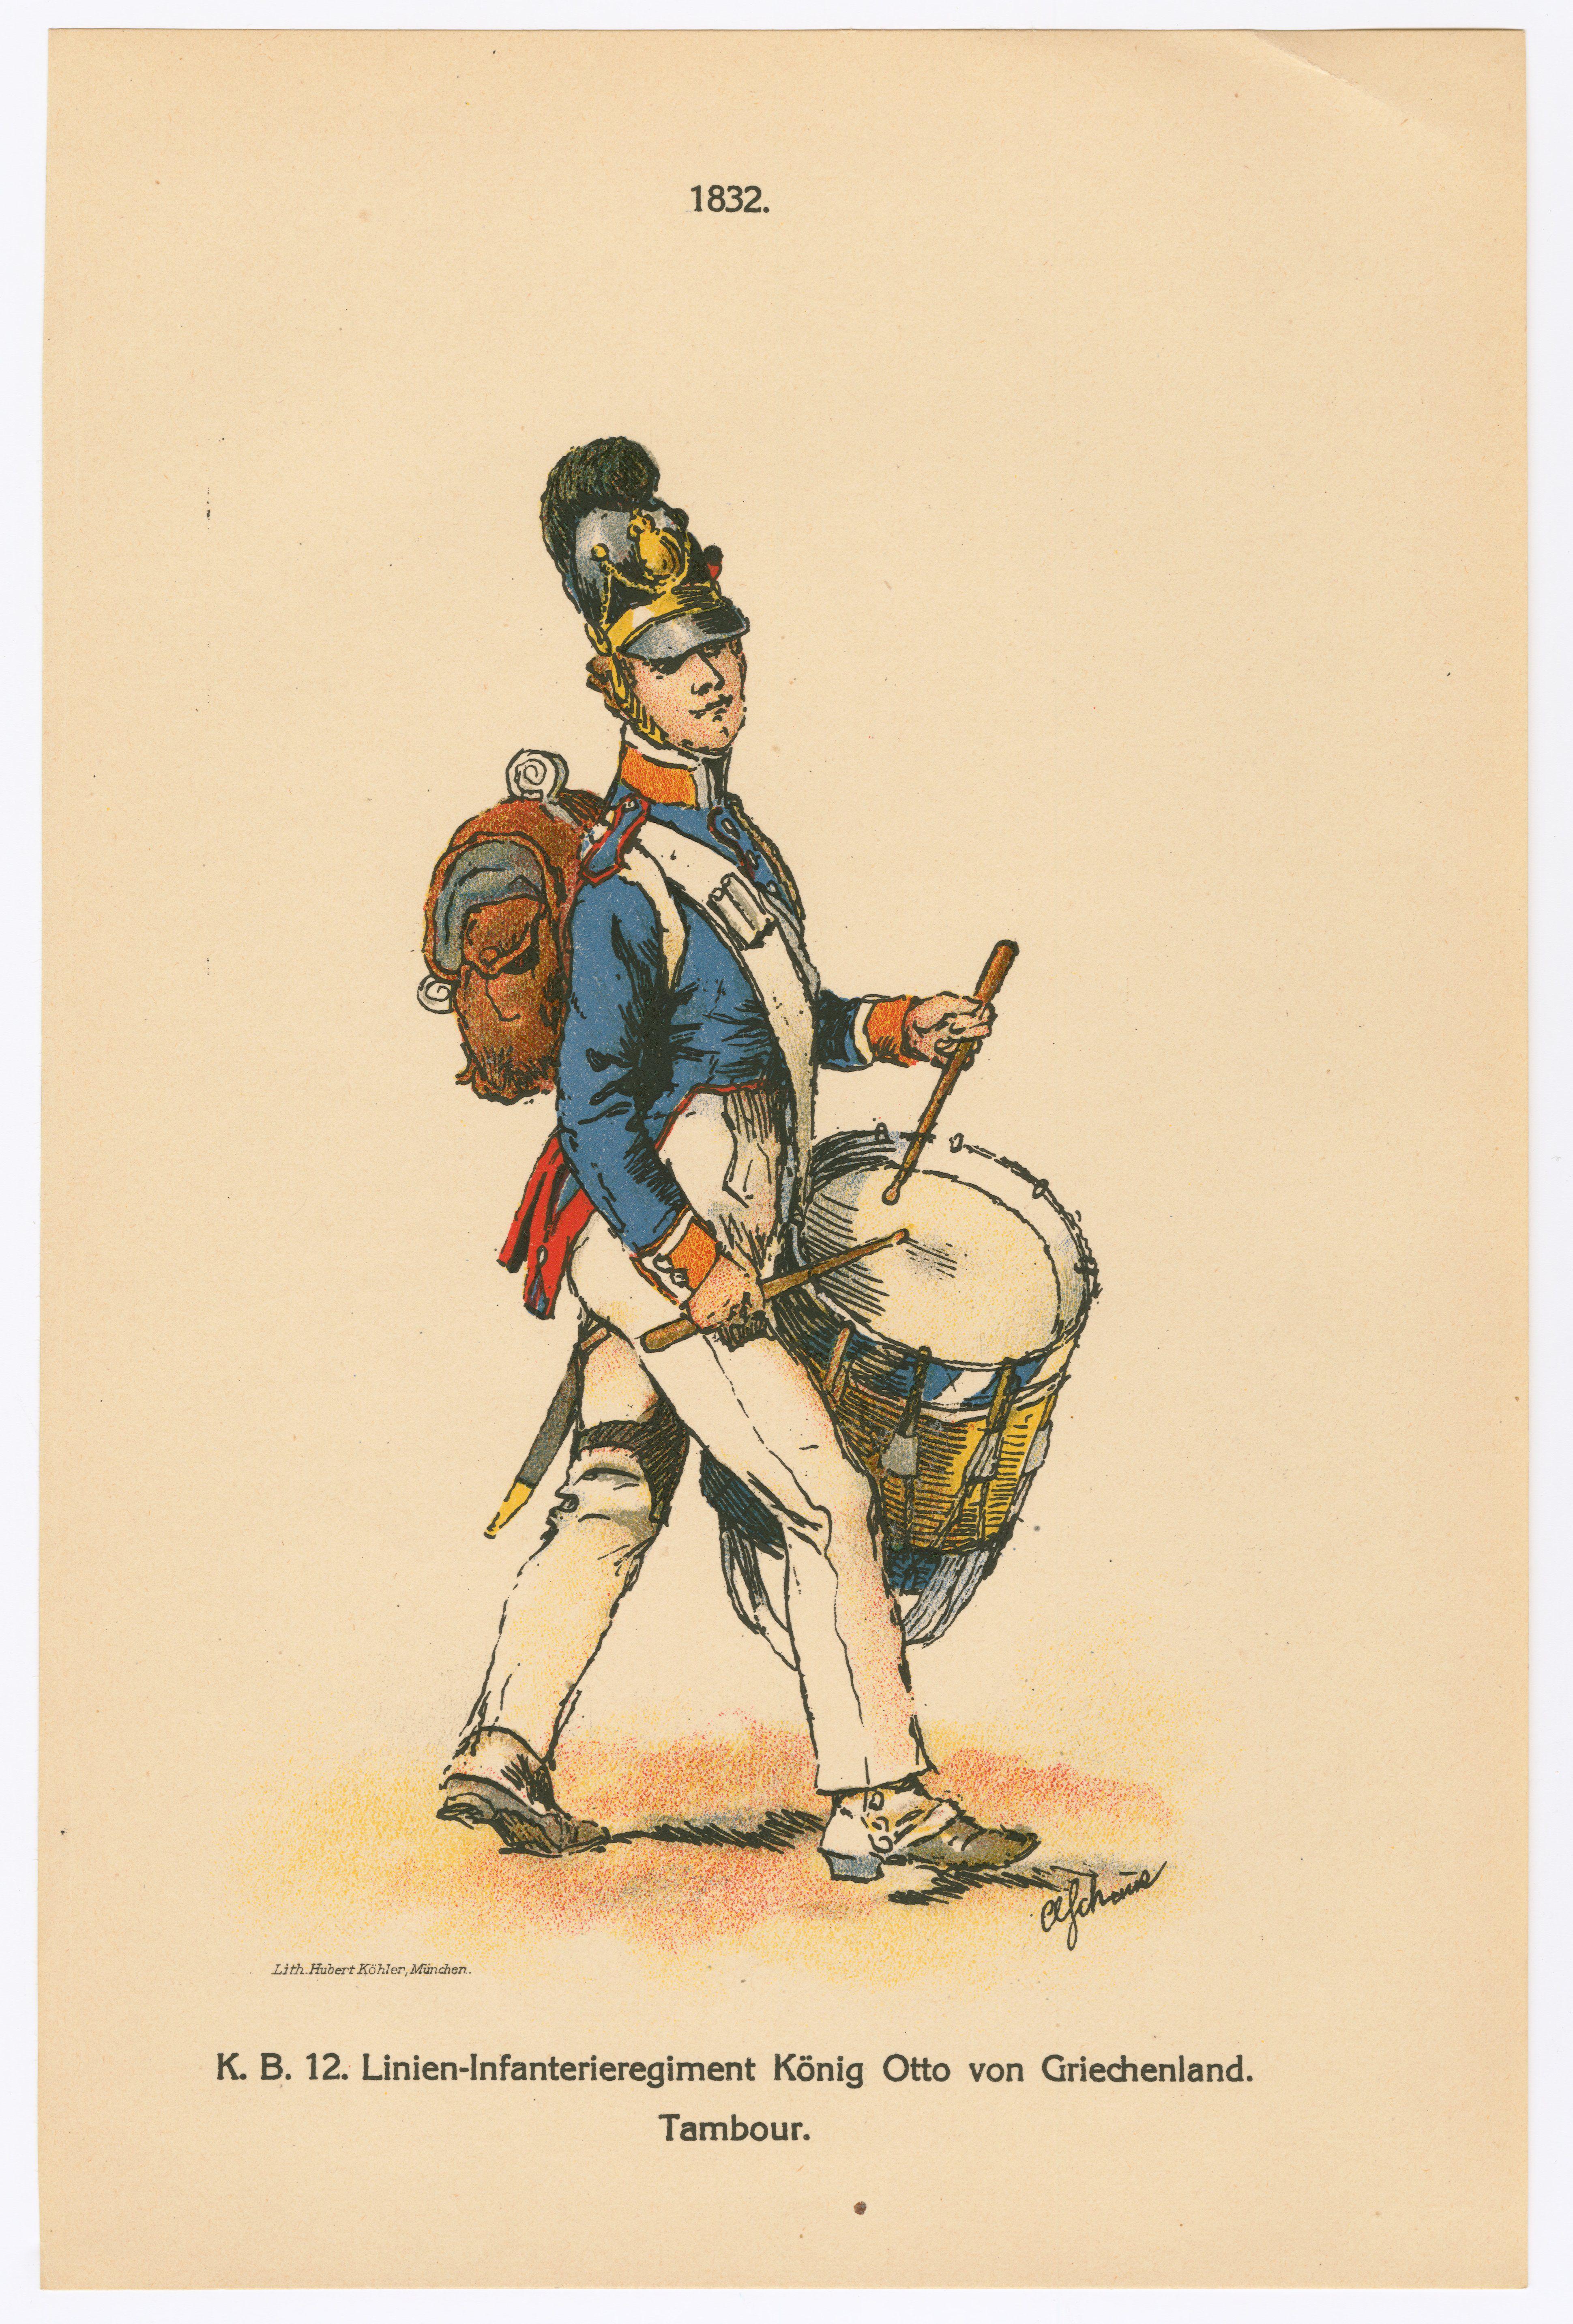 1832. K.B. 12. Linien-Infanterieregiment König Otto von Griechenland. Tambour 1913 Schenck, August Friederich Albrecht (artist)